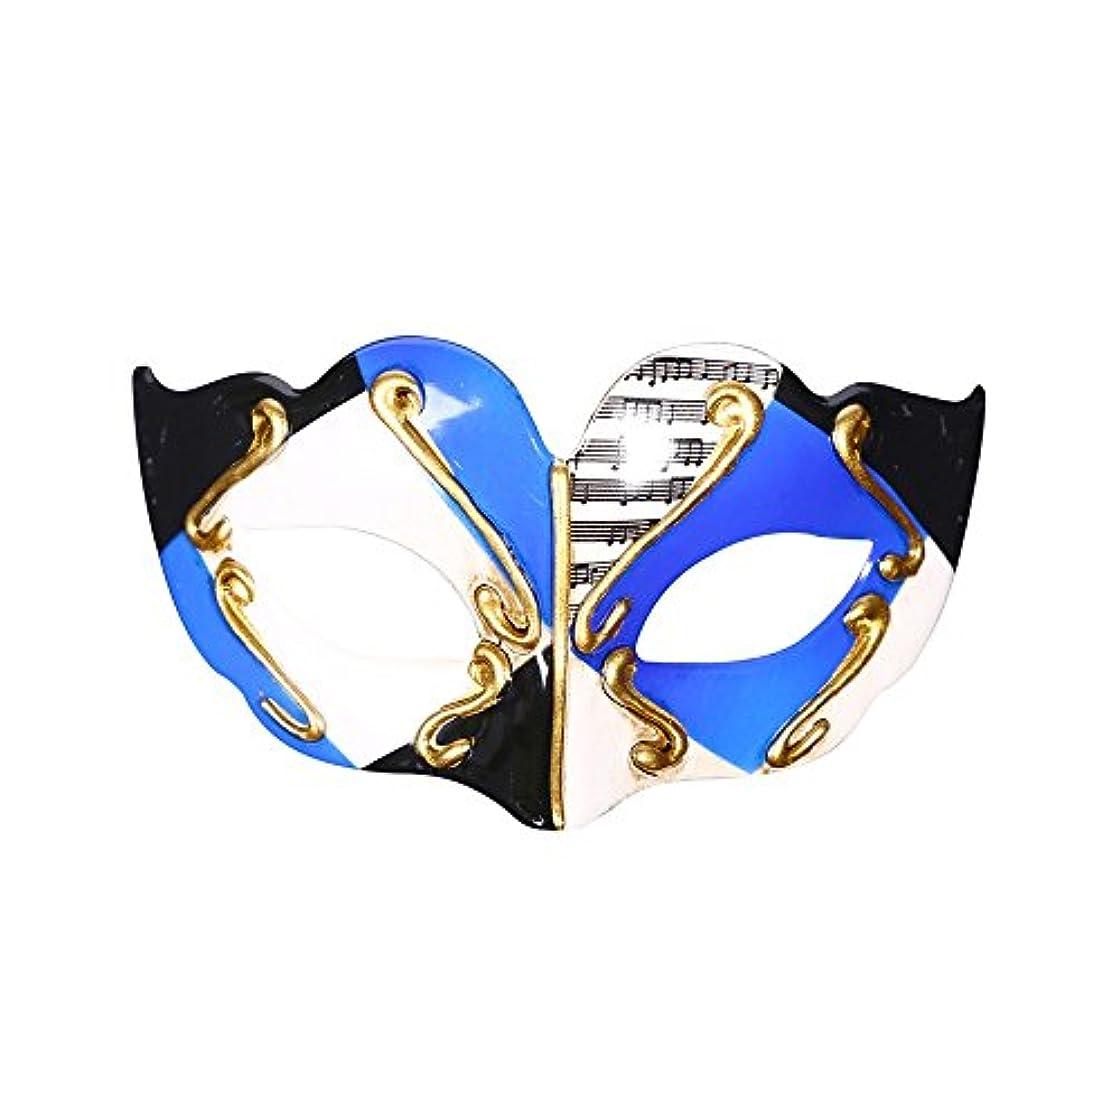 よく話される副詞解釈するハロウィーン仮面舞踏会マスクフラットヘッド半顔ハードプラスチック子供のマスク (Color : C)